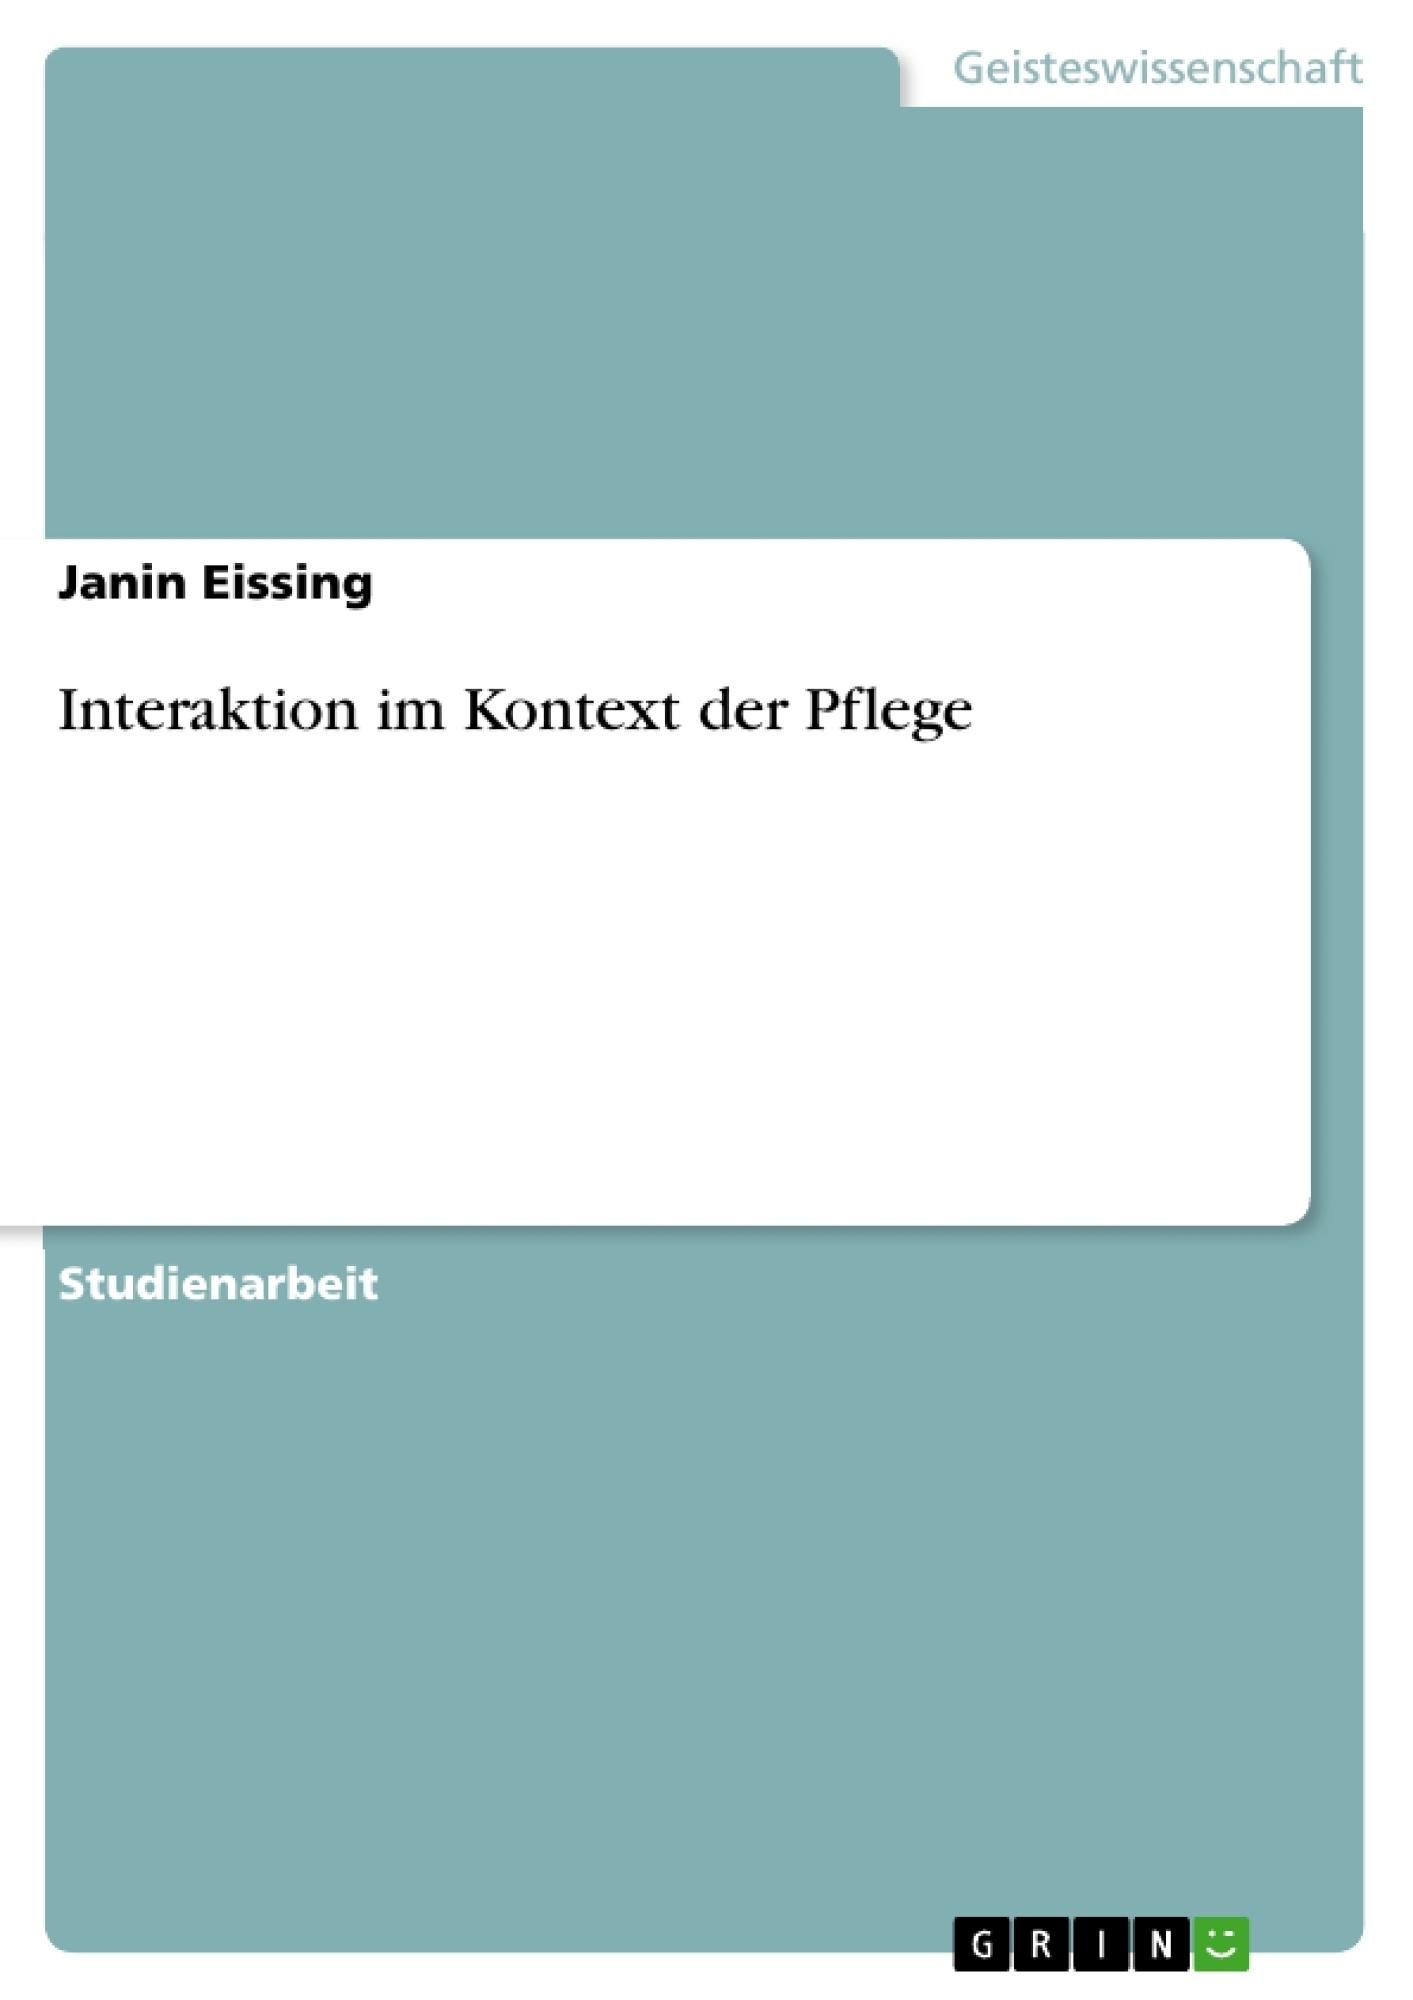 Titel: Interaktion im Kontext der Pflege